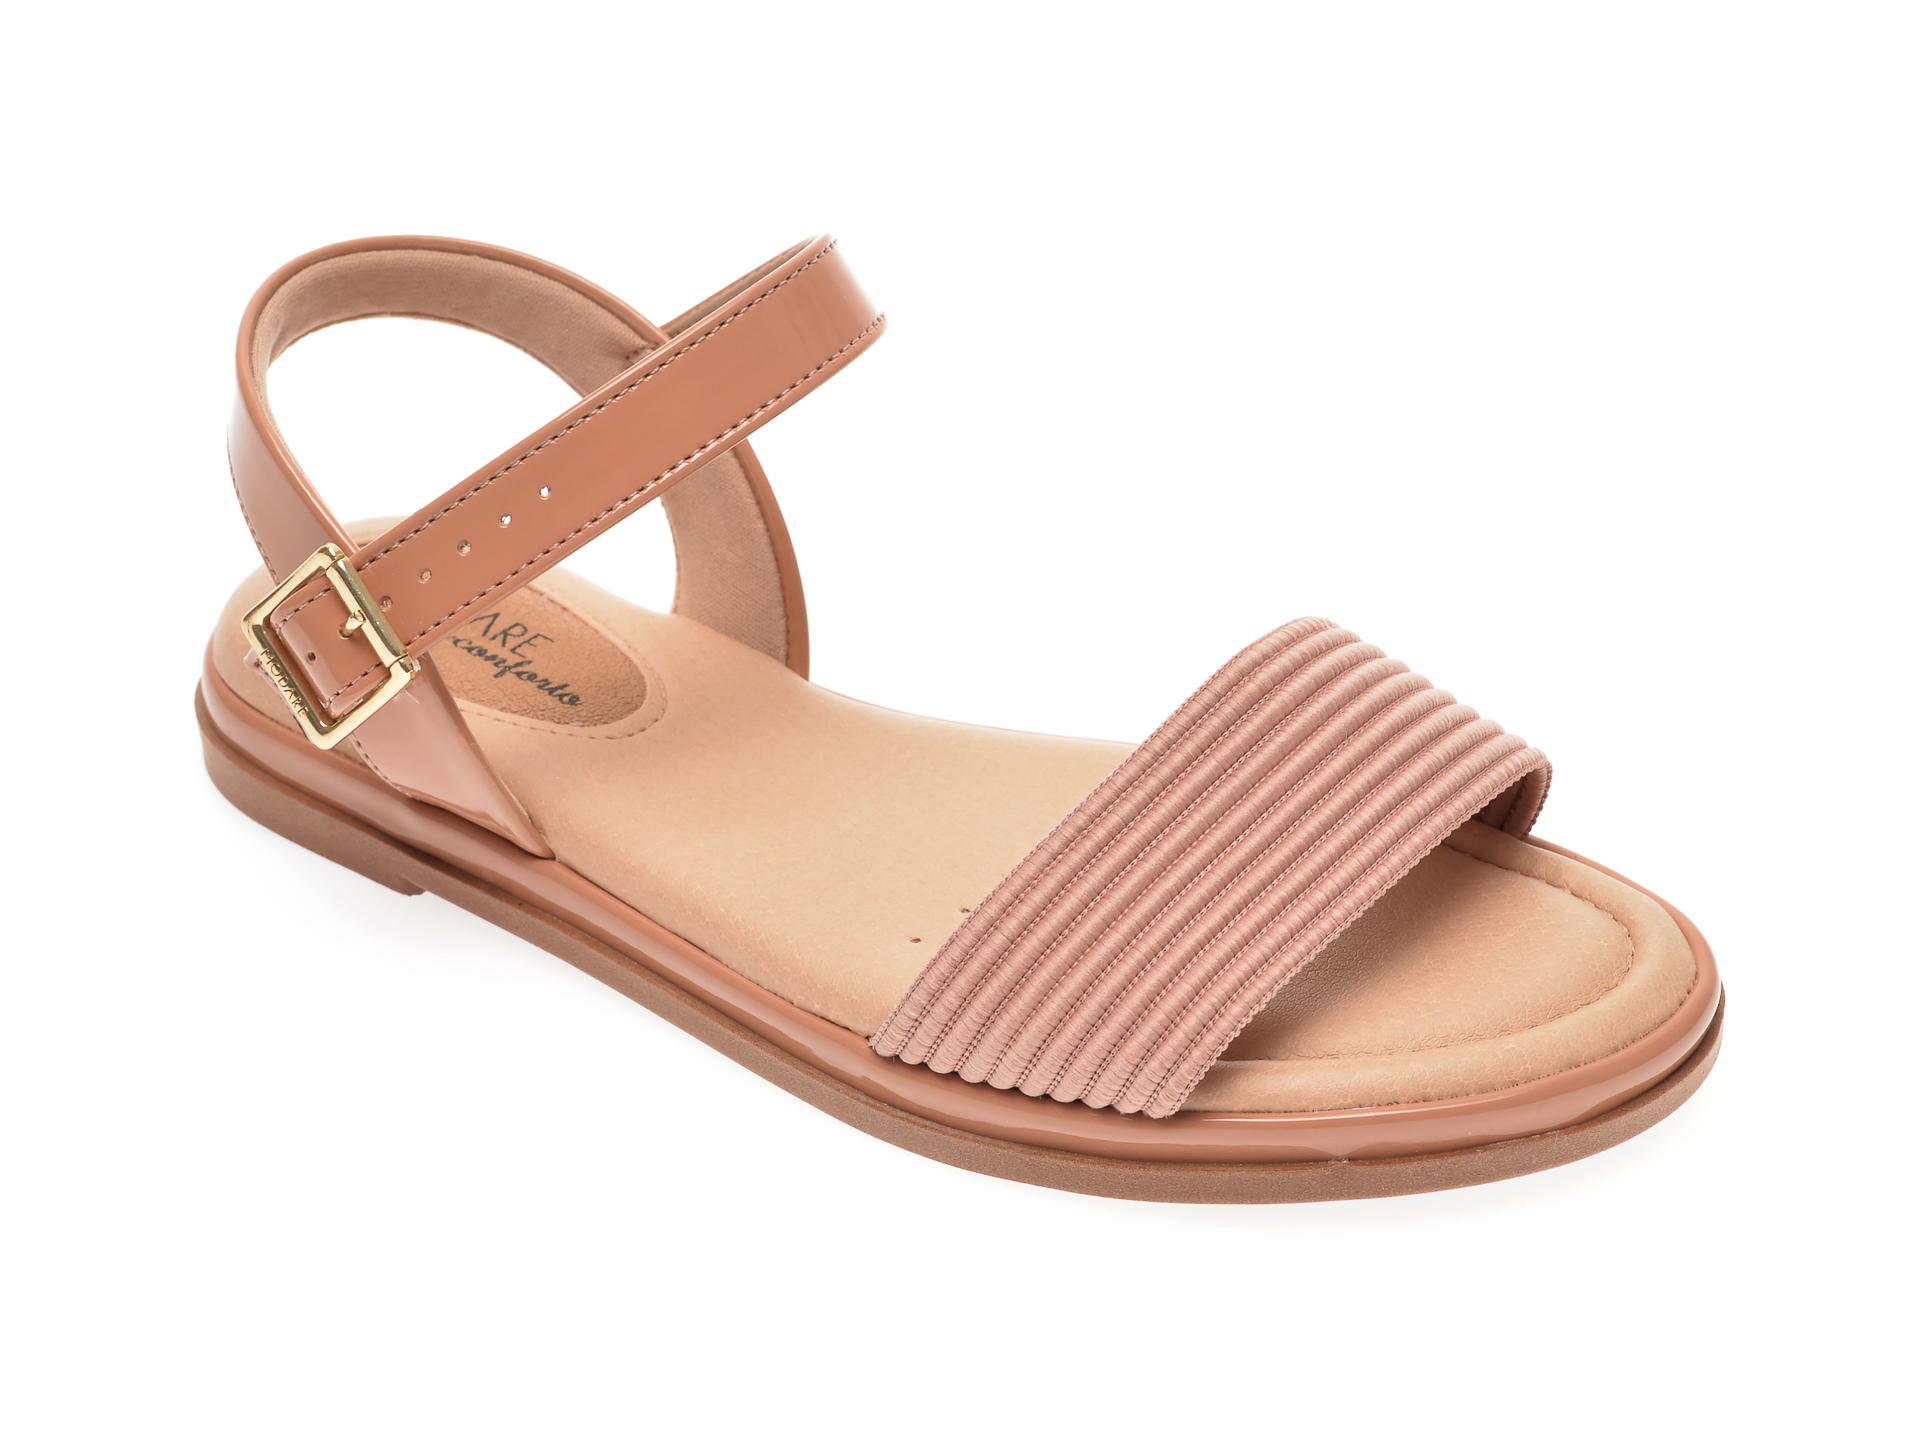 Sandale Modare Nude, 7139108, Din Piele Ecologica